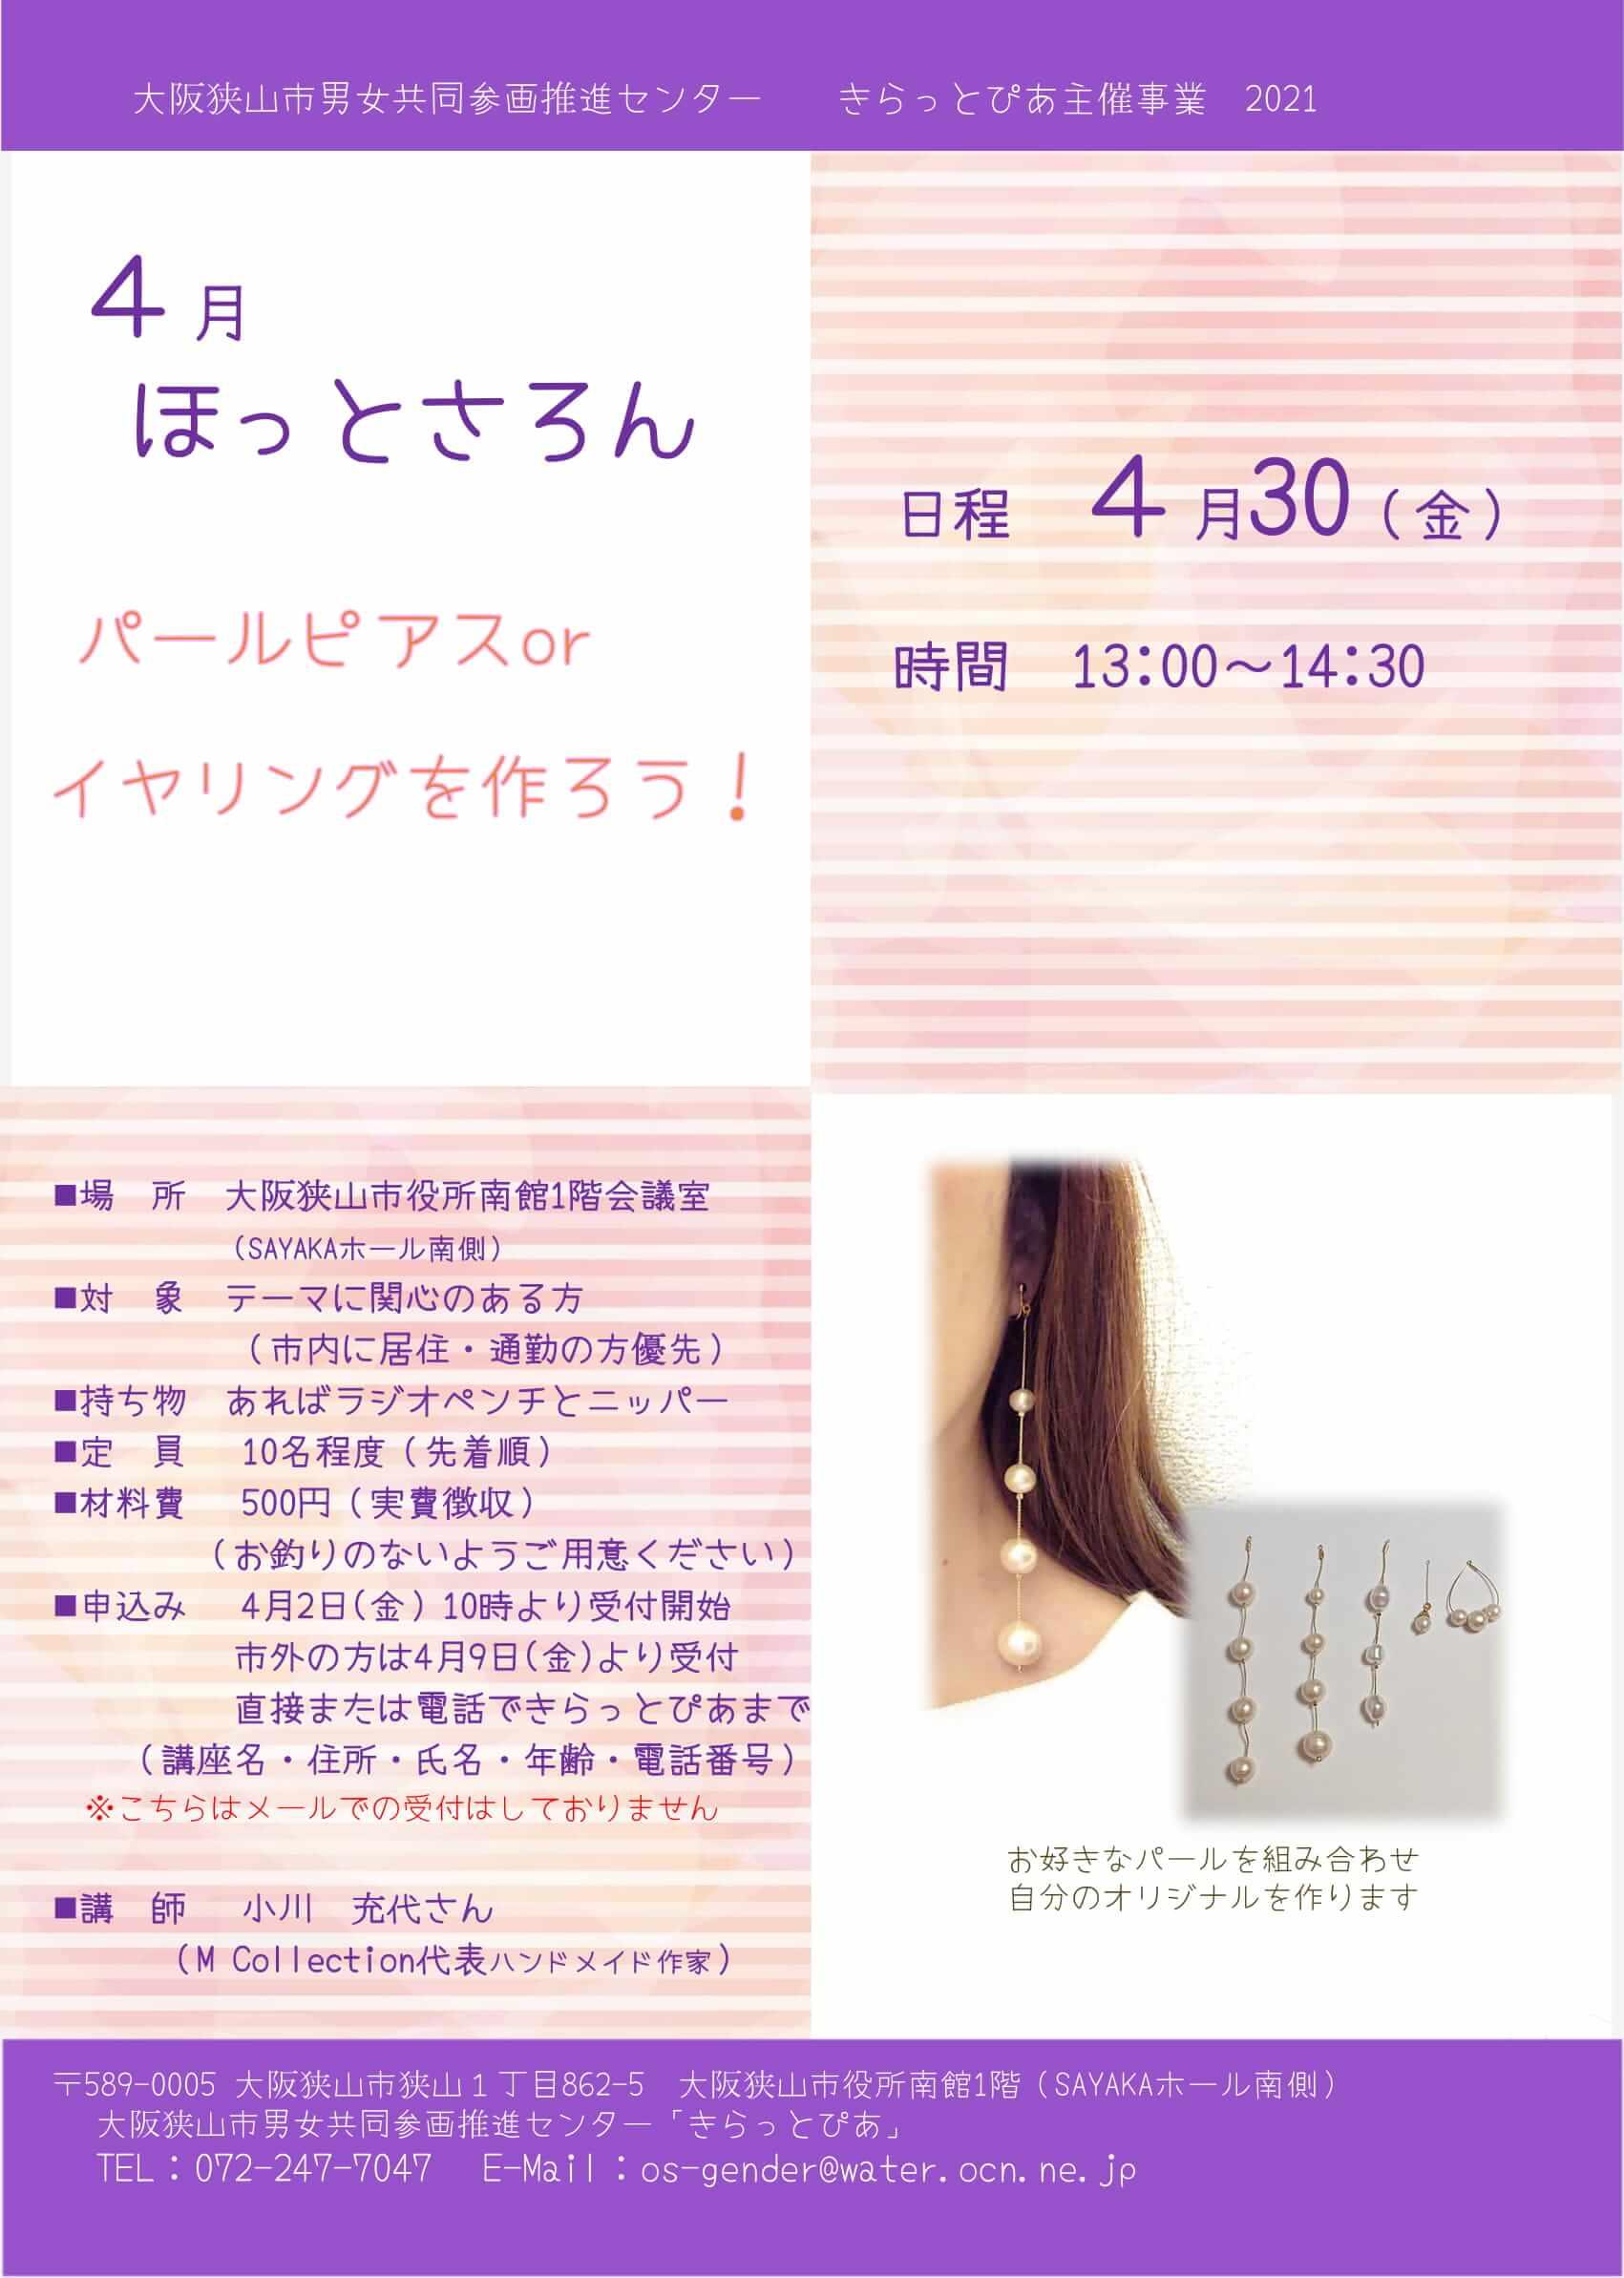 【4月30日】「パールピアスorイヤリングを作ろう!」